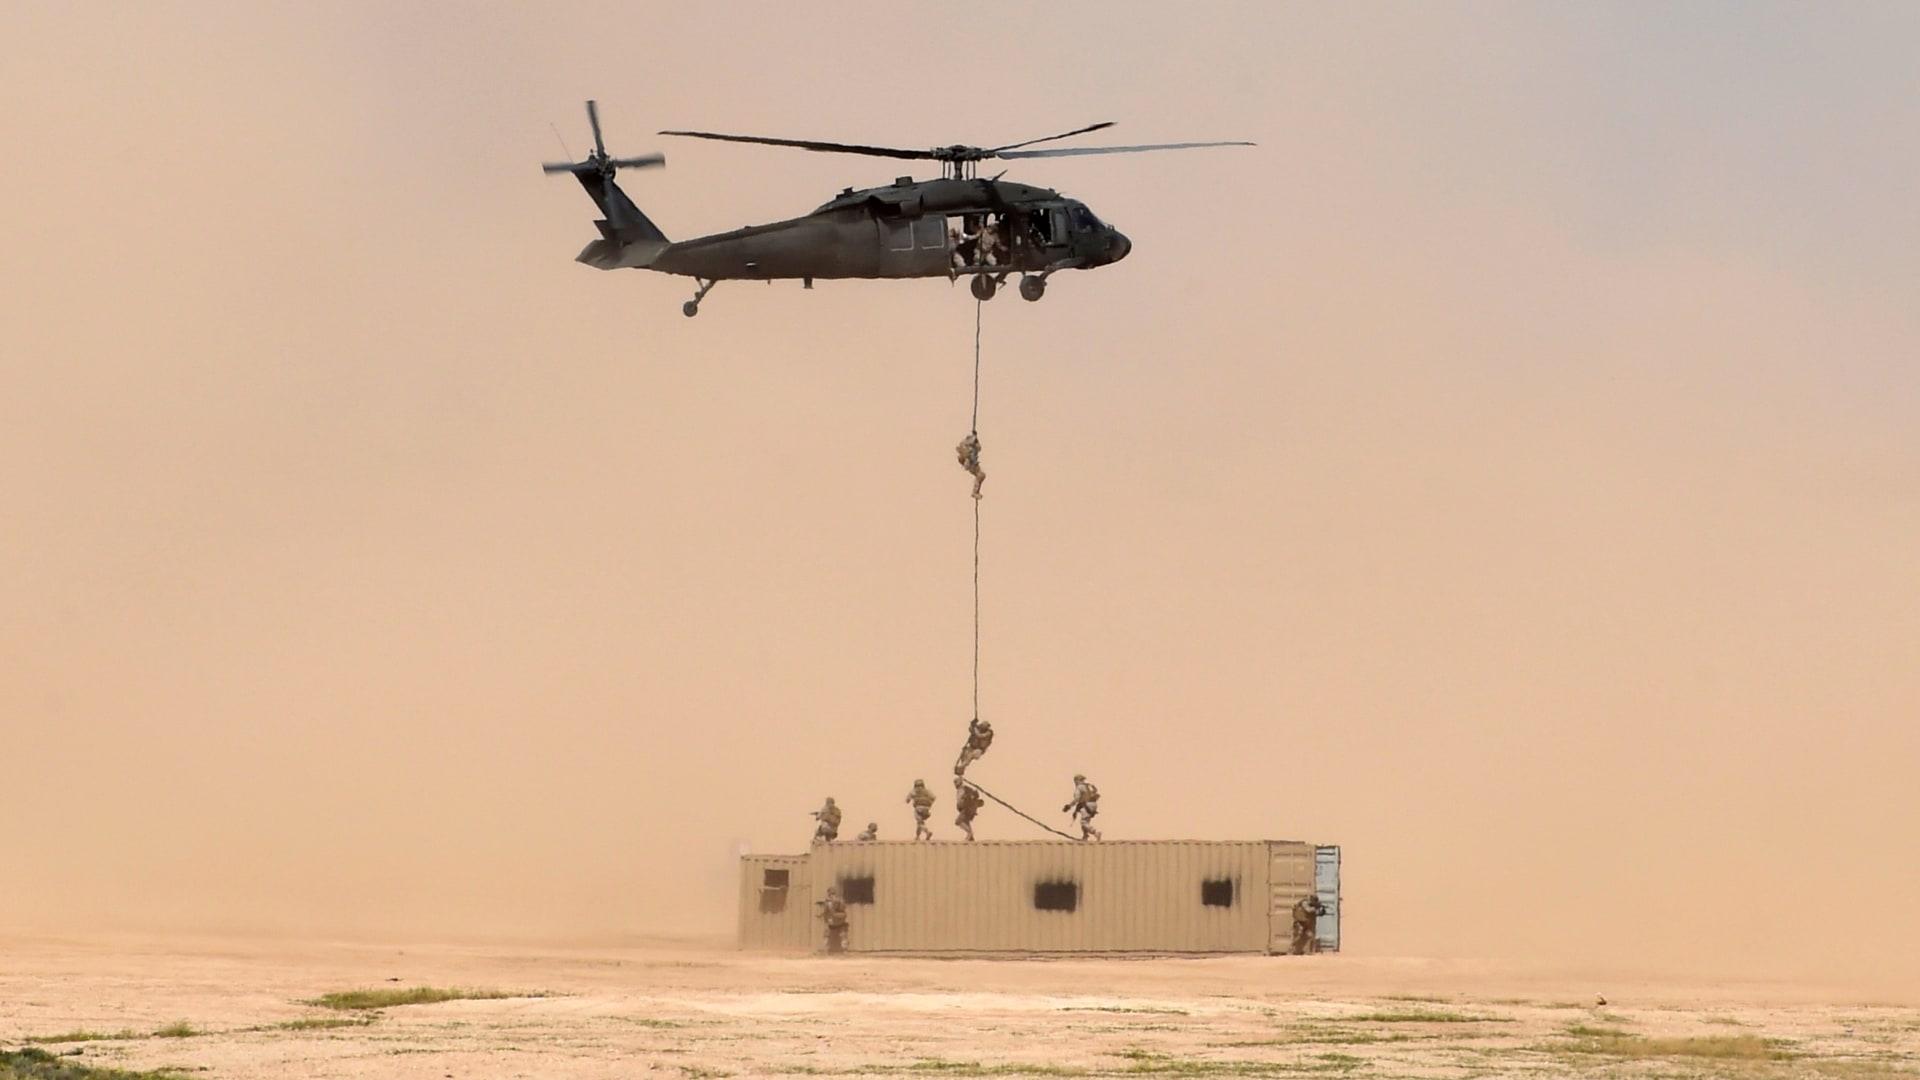 سيناتور يتحدث عن تقرير سلاح أمريكي للحوثي والقاعدة باليمن